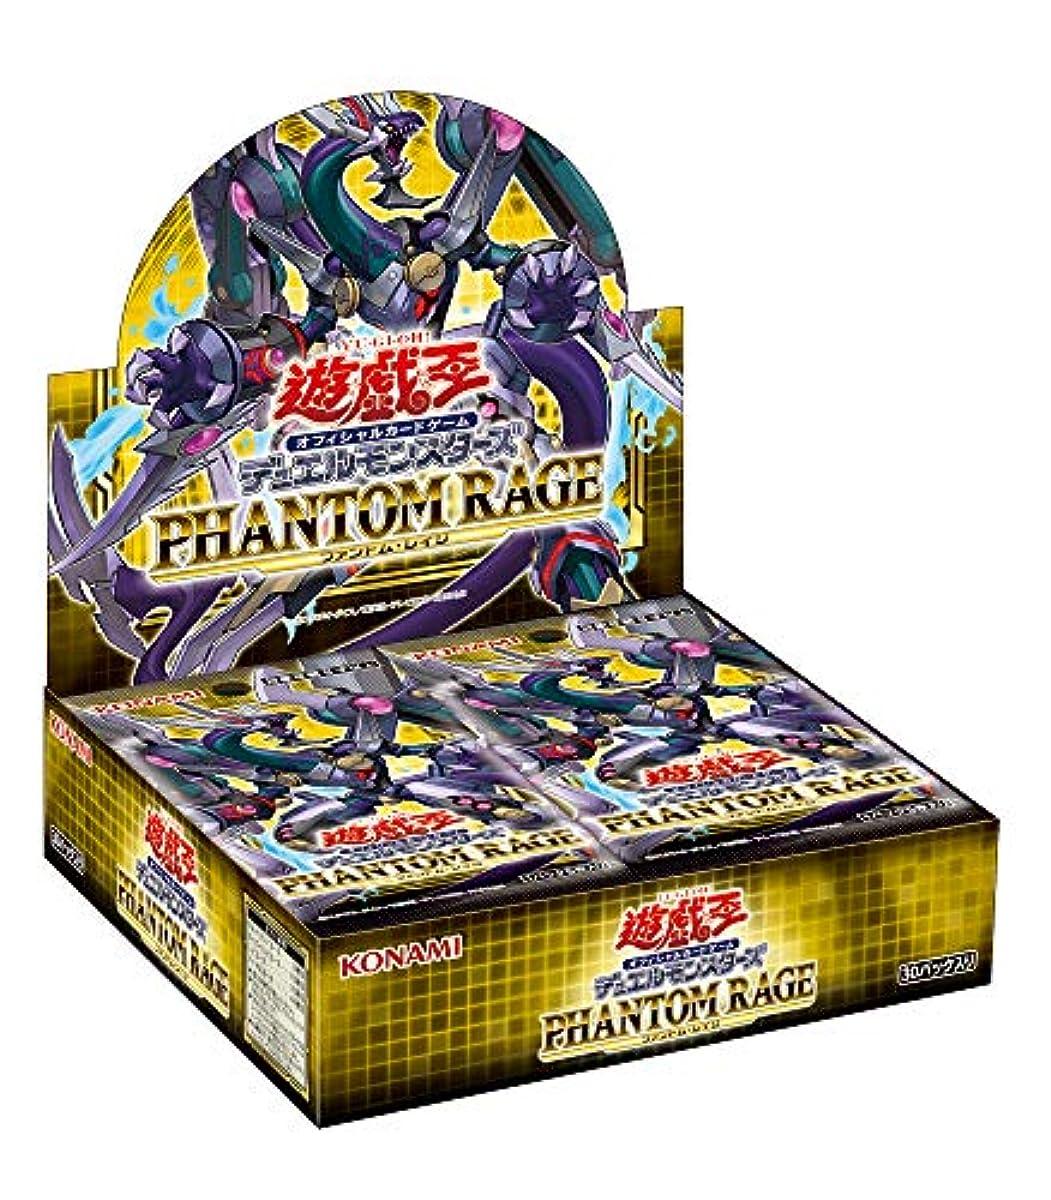 [해외] 코나미 디지털 엔터테인먼트 유희왕OCG 듀얼 몬스터의 PHANTOM RAGE BOX(통상판)